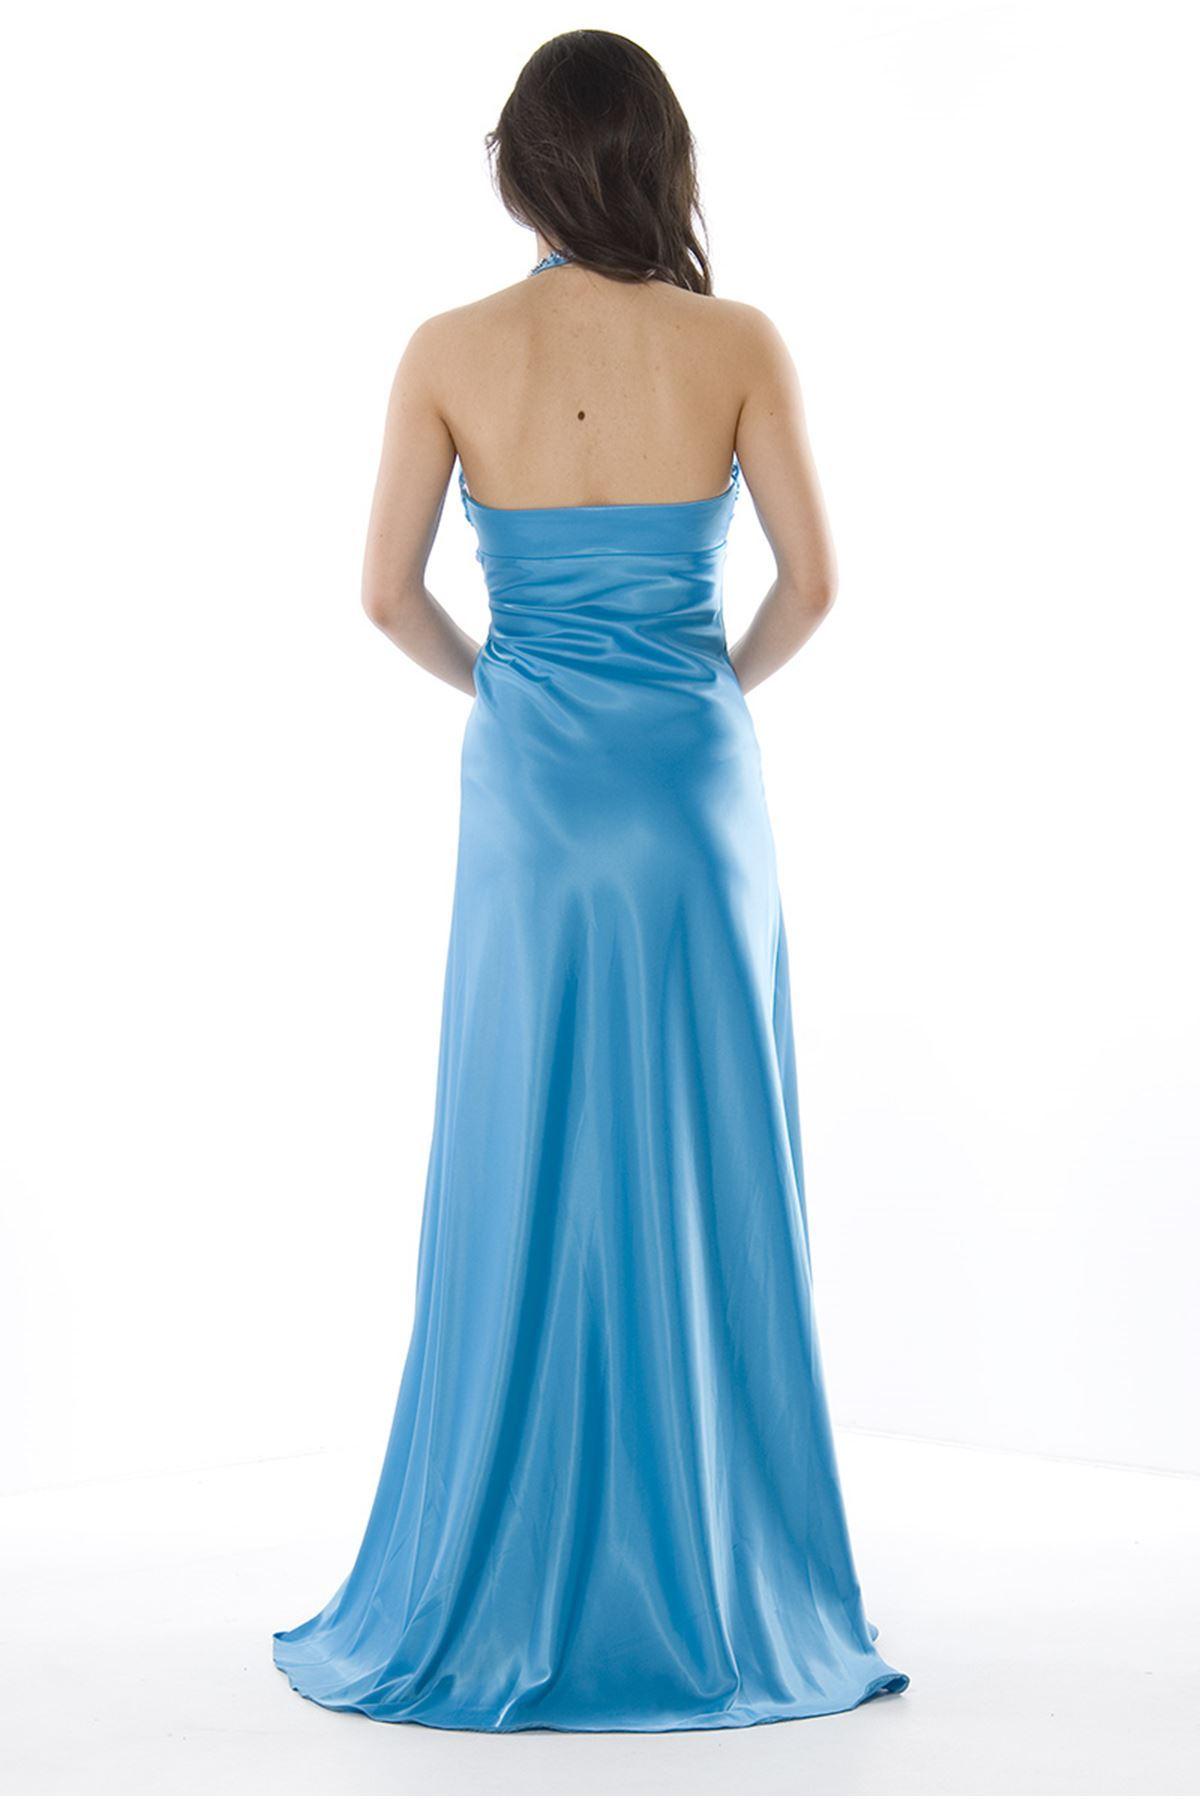 Mavi Uzun Taşlı Abiye I8-75877